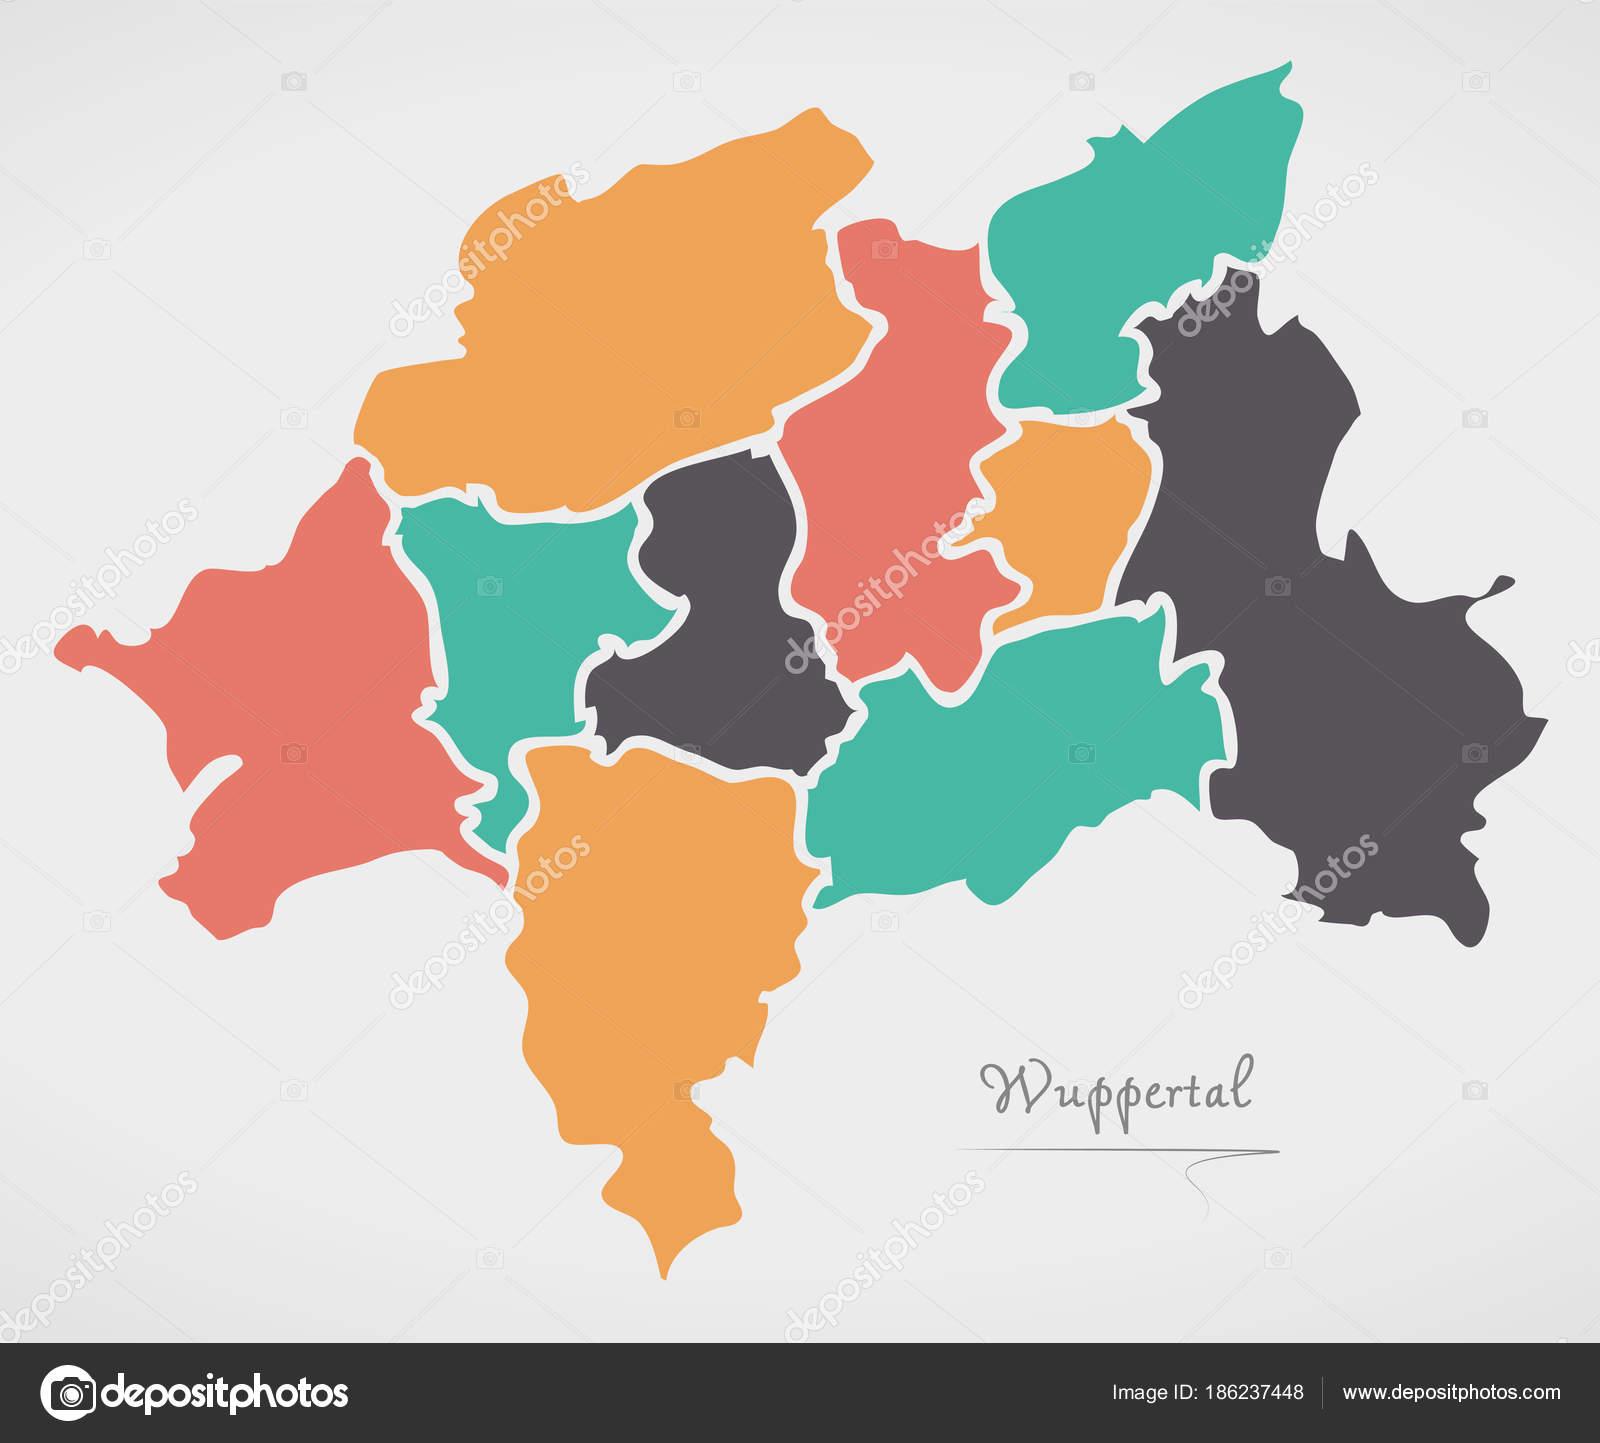 Wuppertal Karte Stadtteile.Wuppertal Karte Mit Stadtbezirken Und Moderne Runde Formen